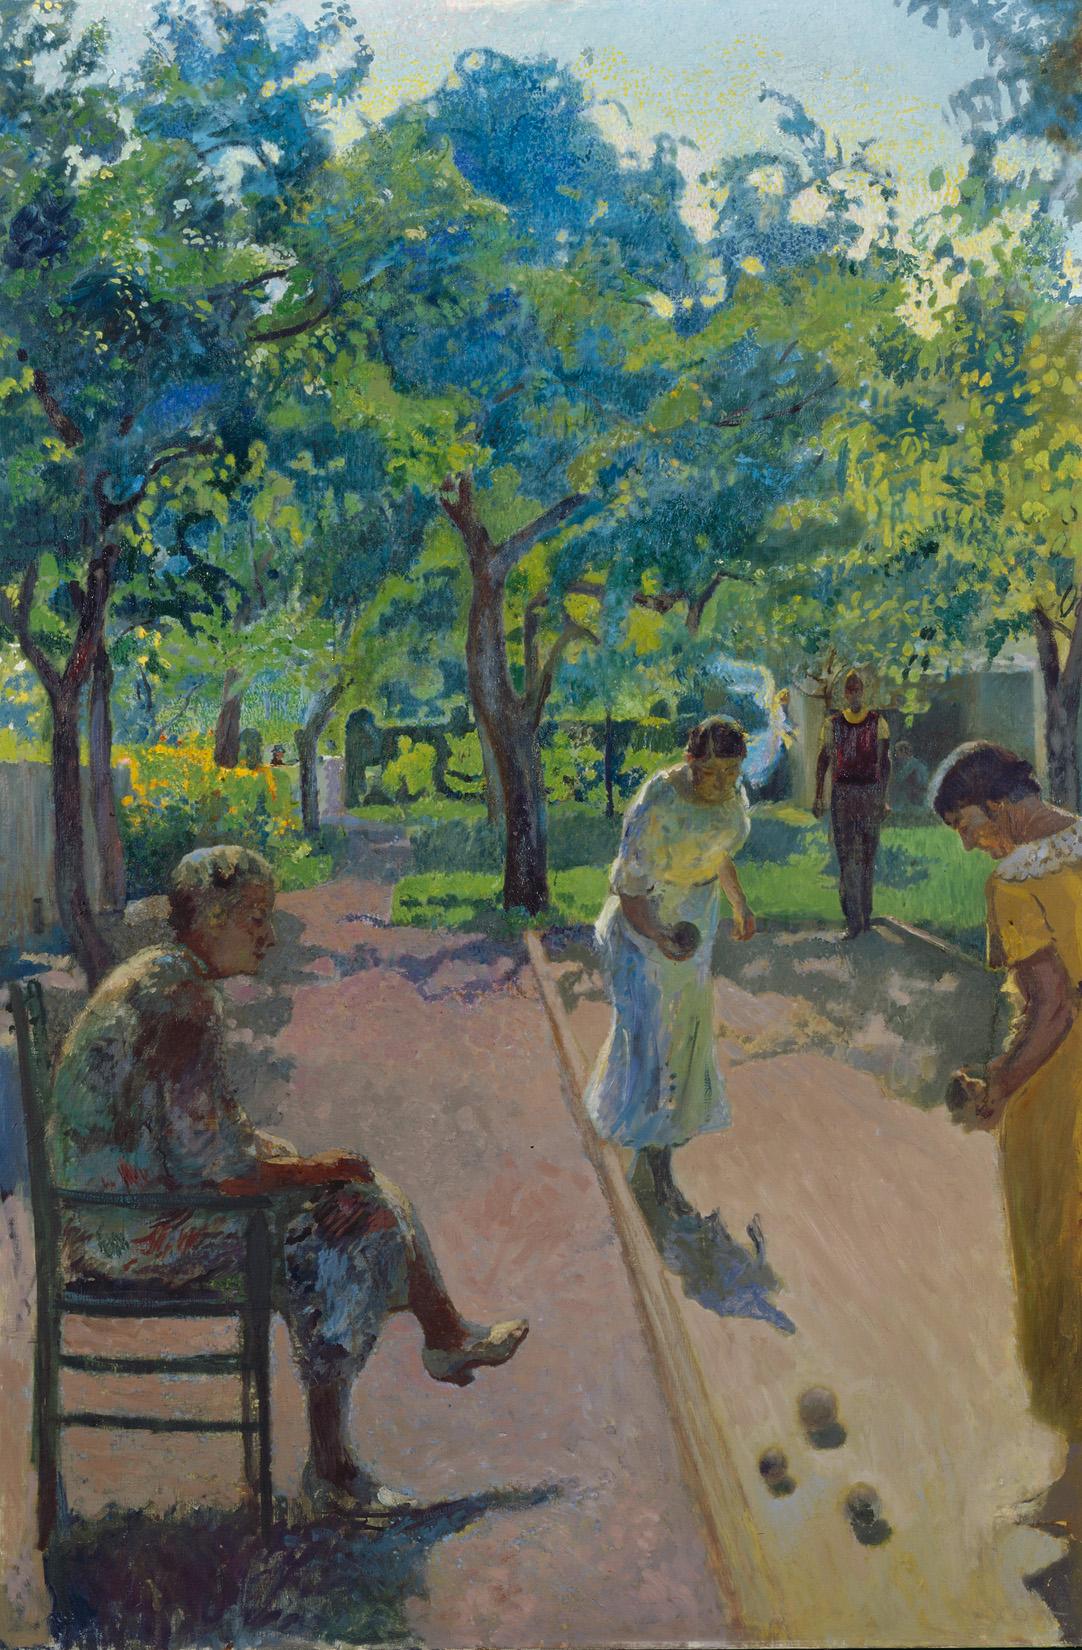 Cuno Amiet, Die blaue Landschaft, 1931